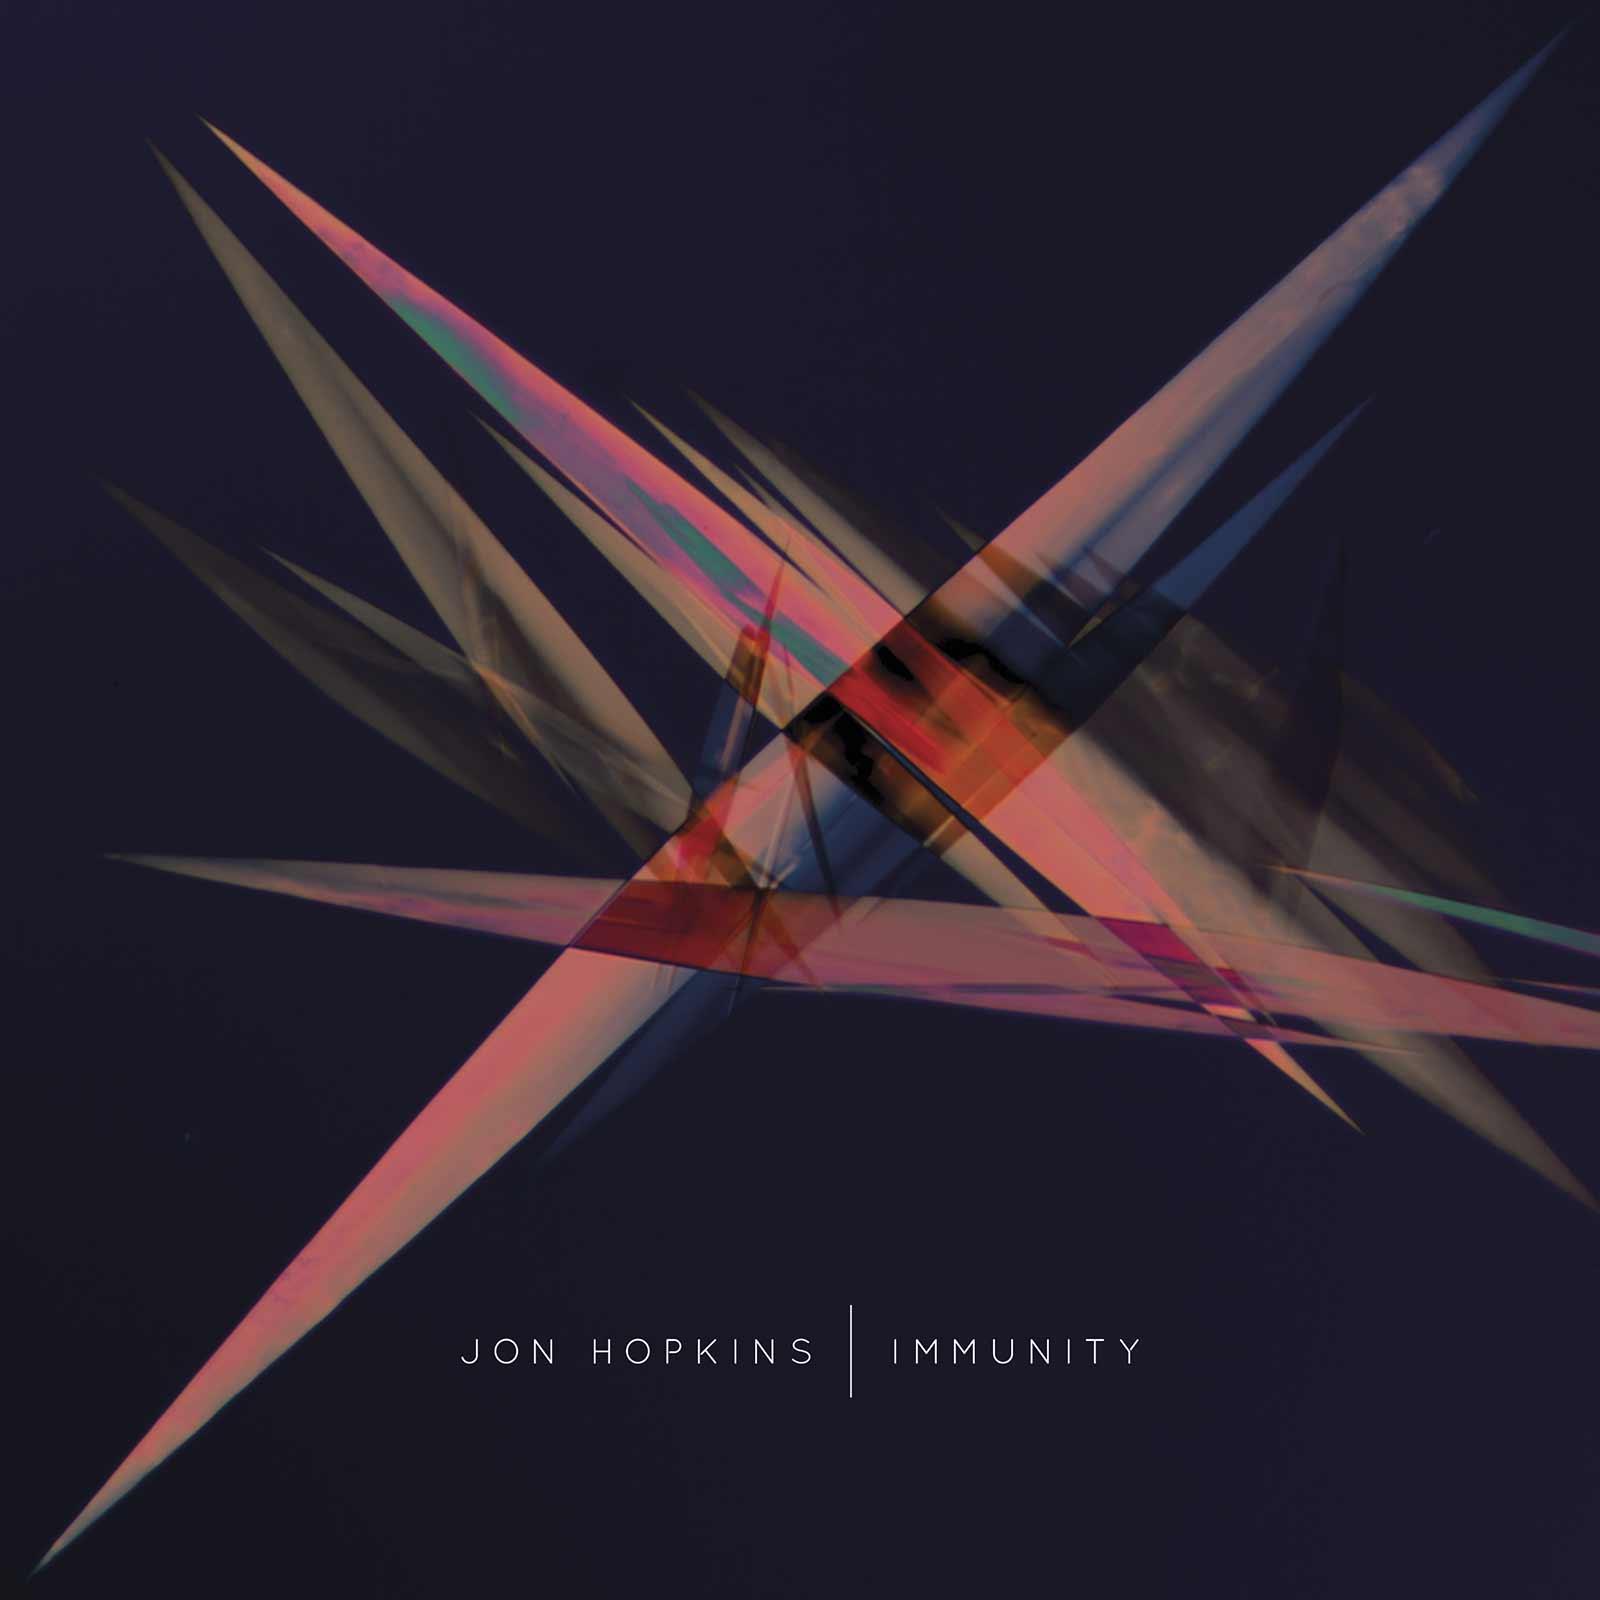 The album art for Jon Hopkins' Immunity